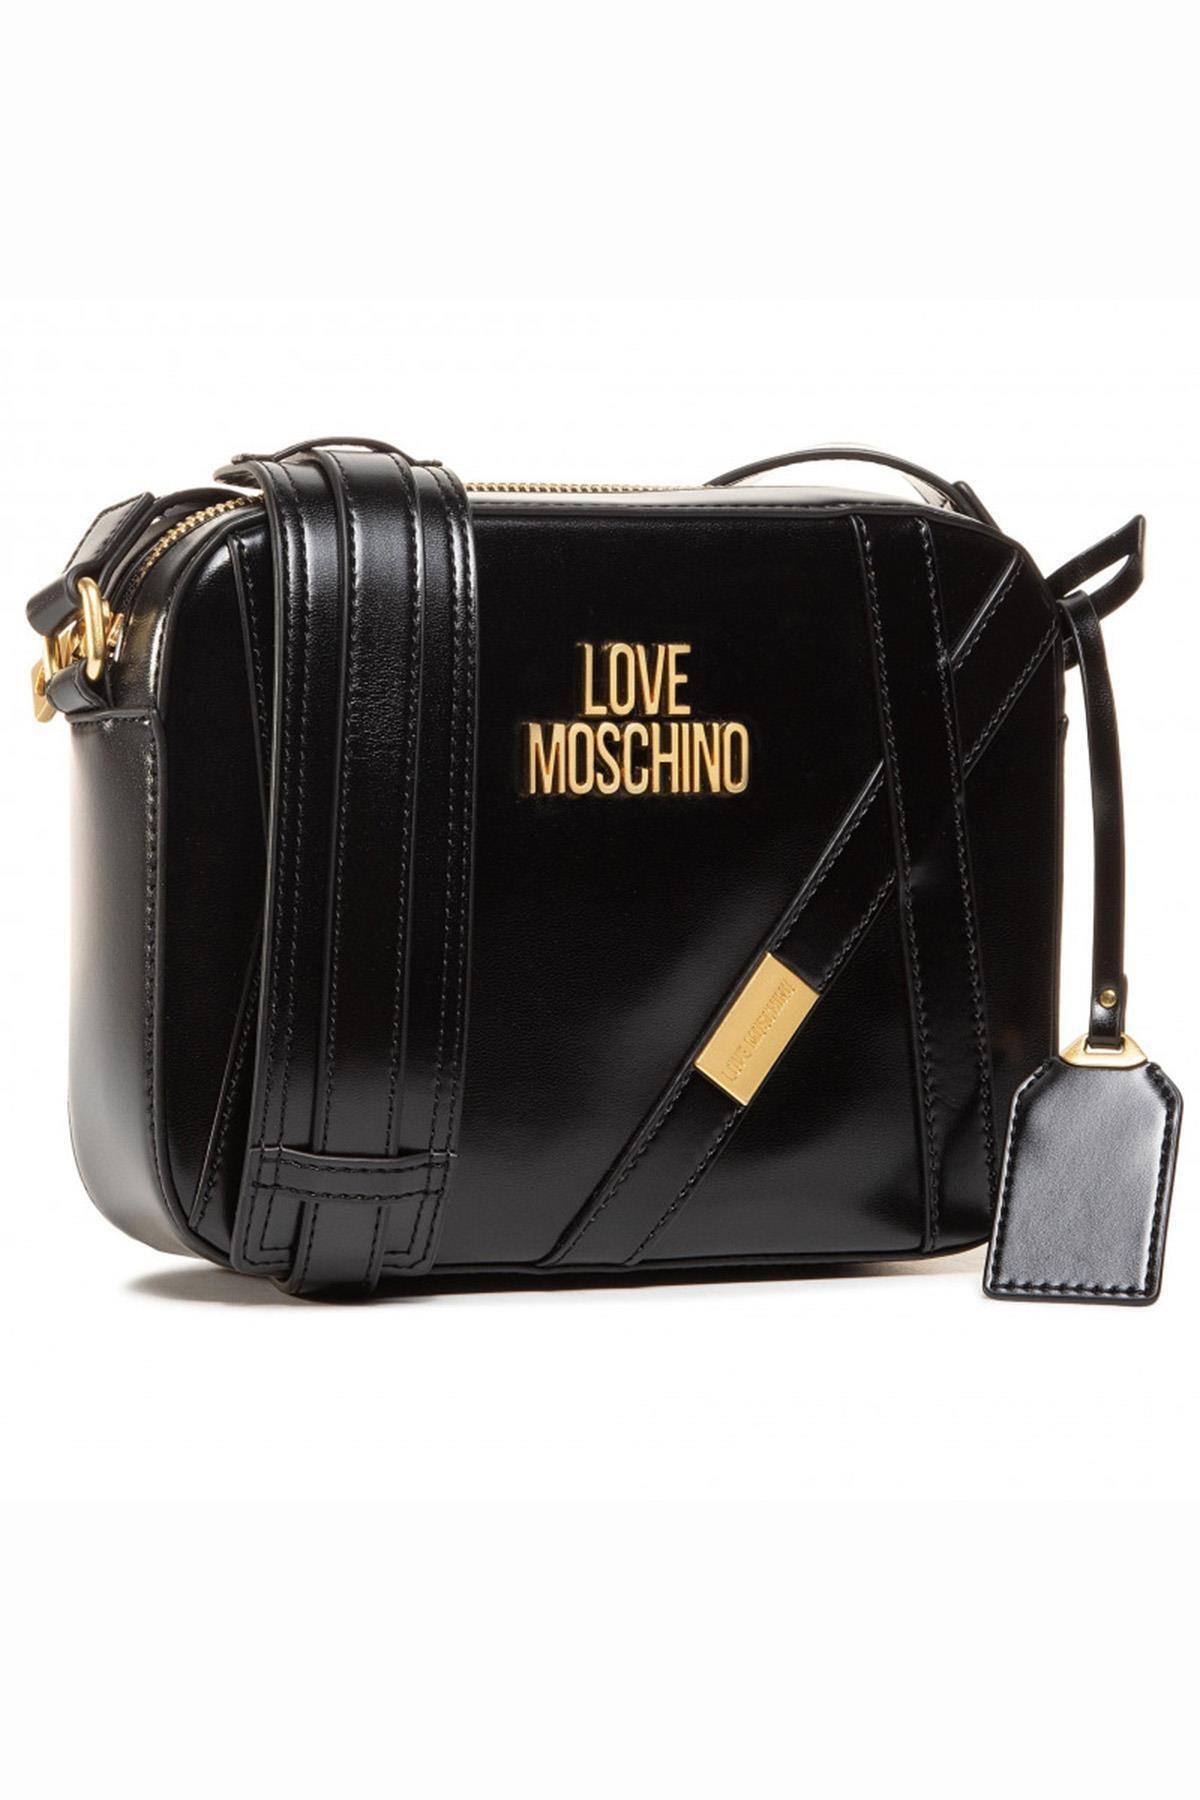 Love Moschino Love Moschıno Jc4277pp0bks0 Siyah Kadın Omuz Çantası 1